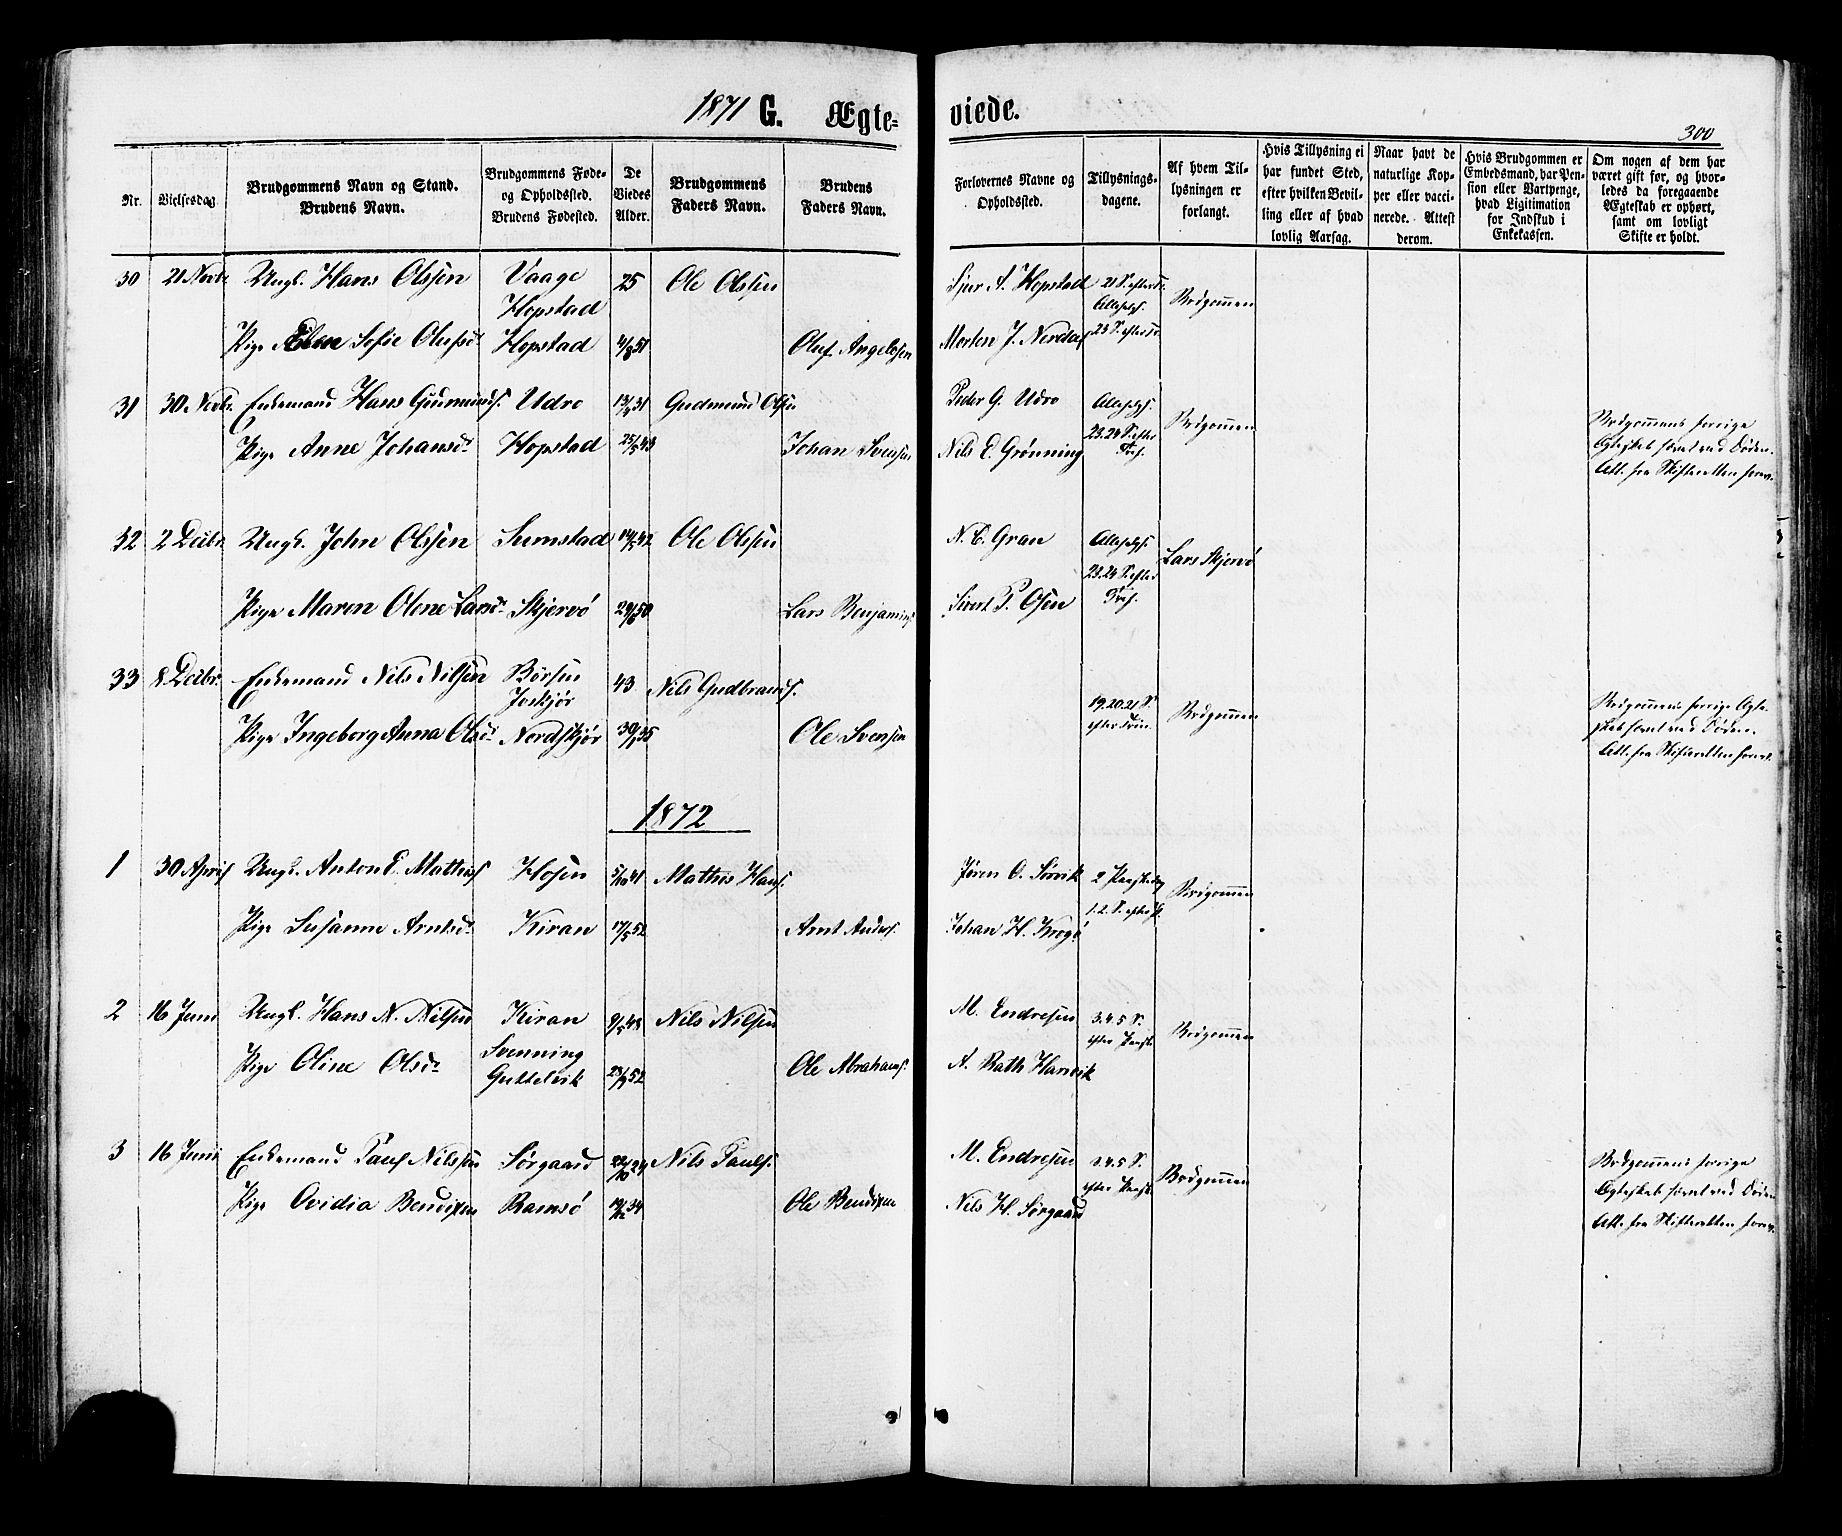 SAT, Ministerialprotokoller, klokkerbøker og fødselsregistre - Sør-Trøndelag, 657/L0706: Ministerialbok nr. 657A07, 1867-1878, s. 300